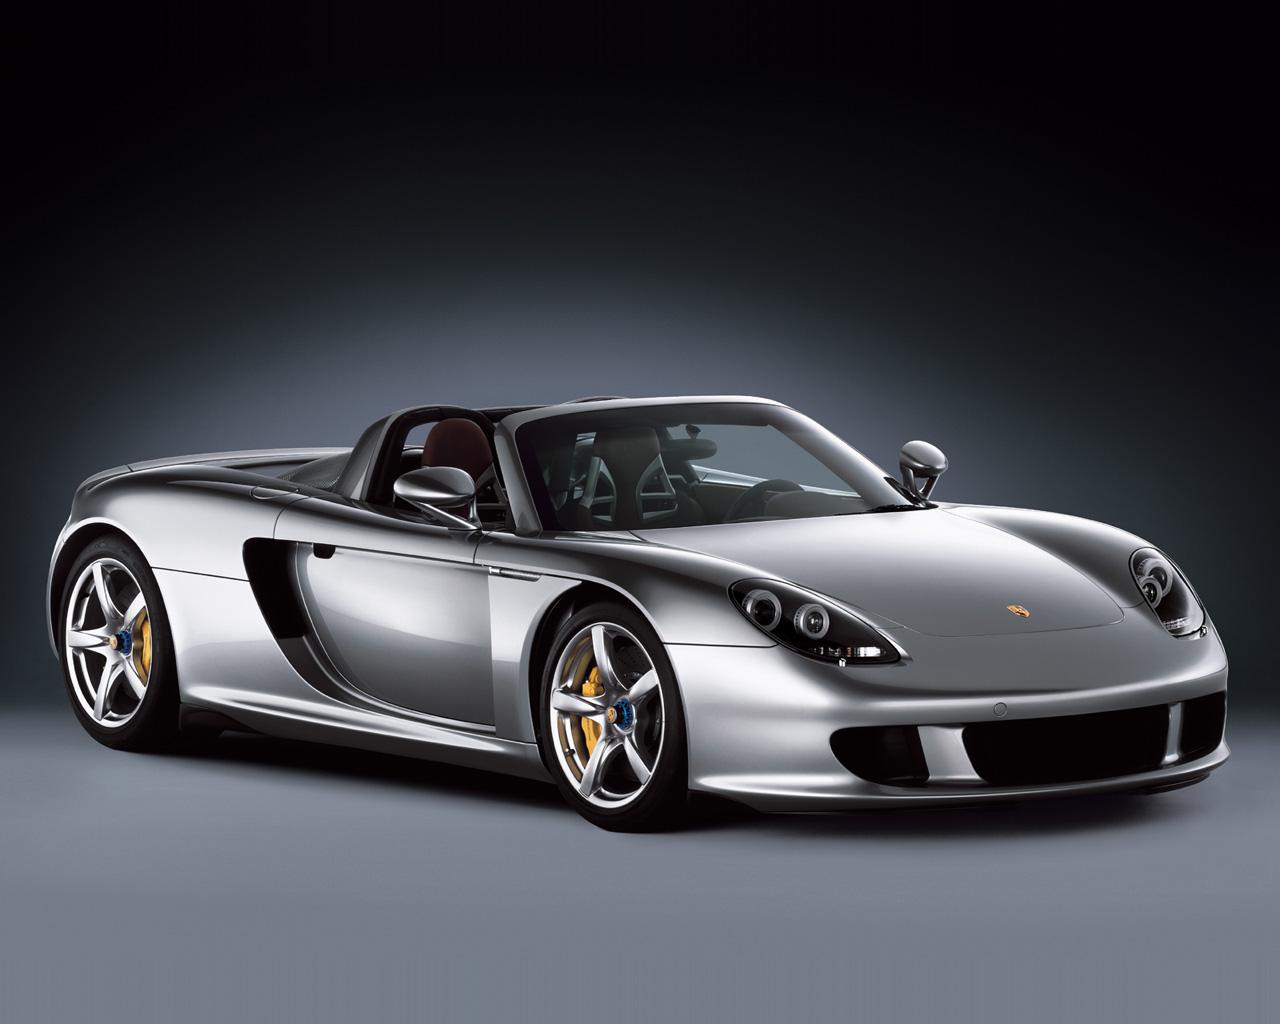 Porsche Carrera GT convertible Wallpapers HD